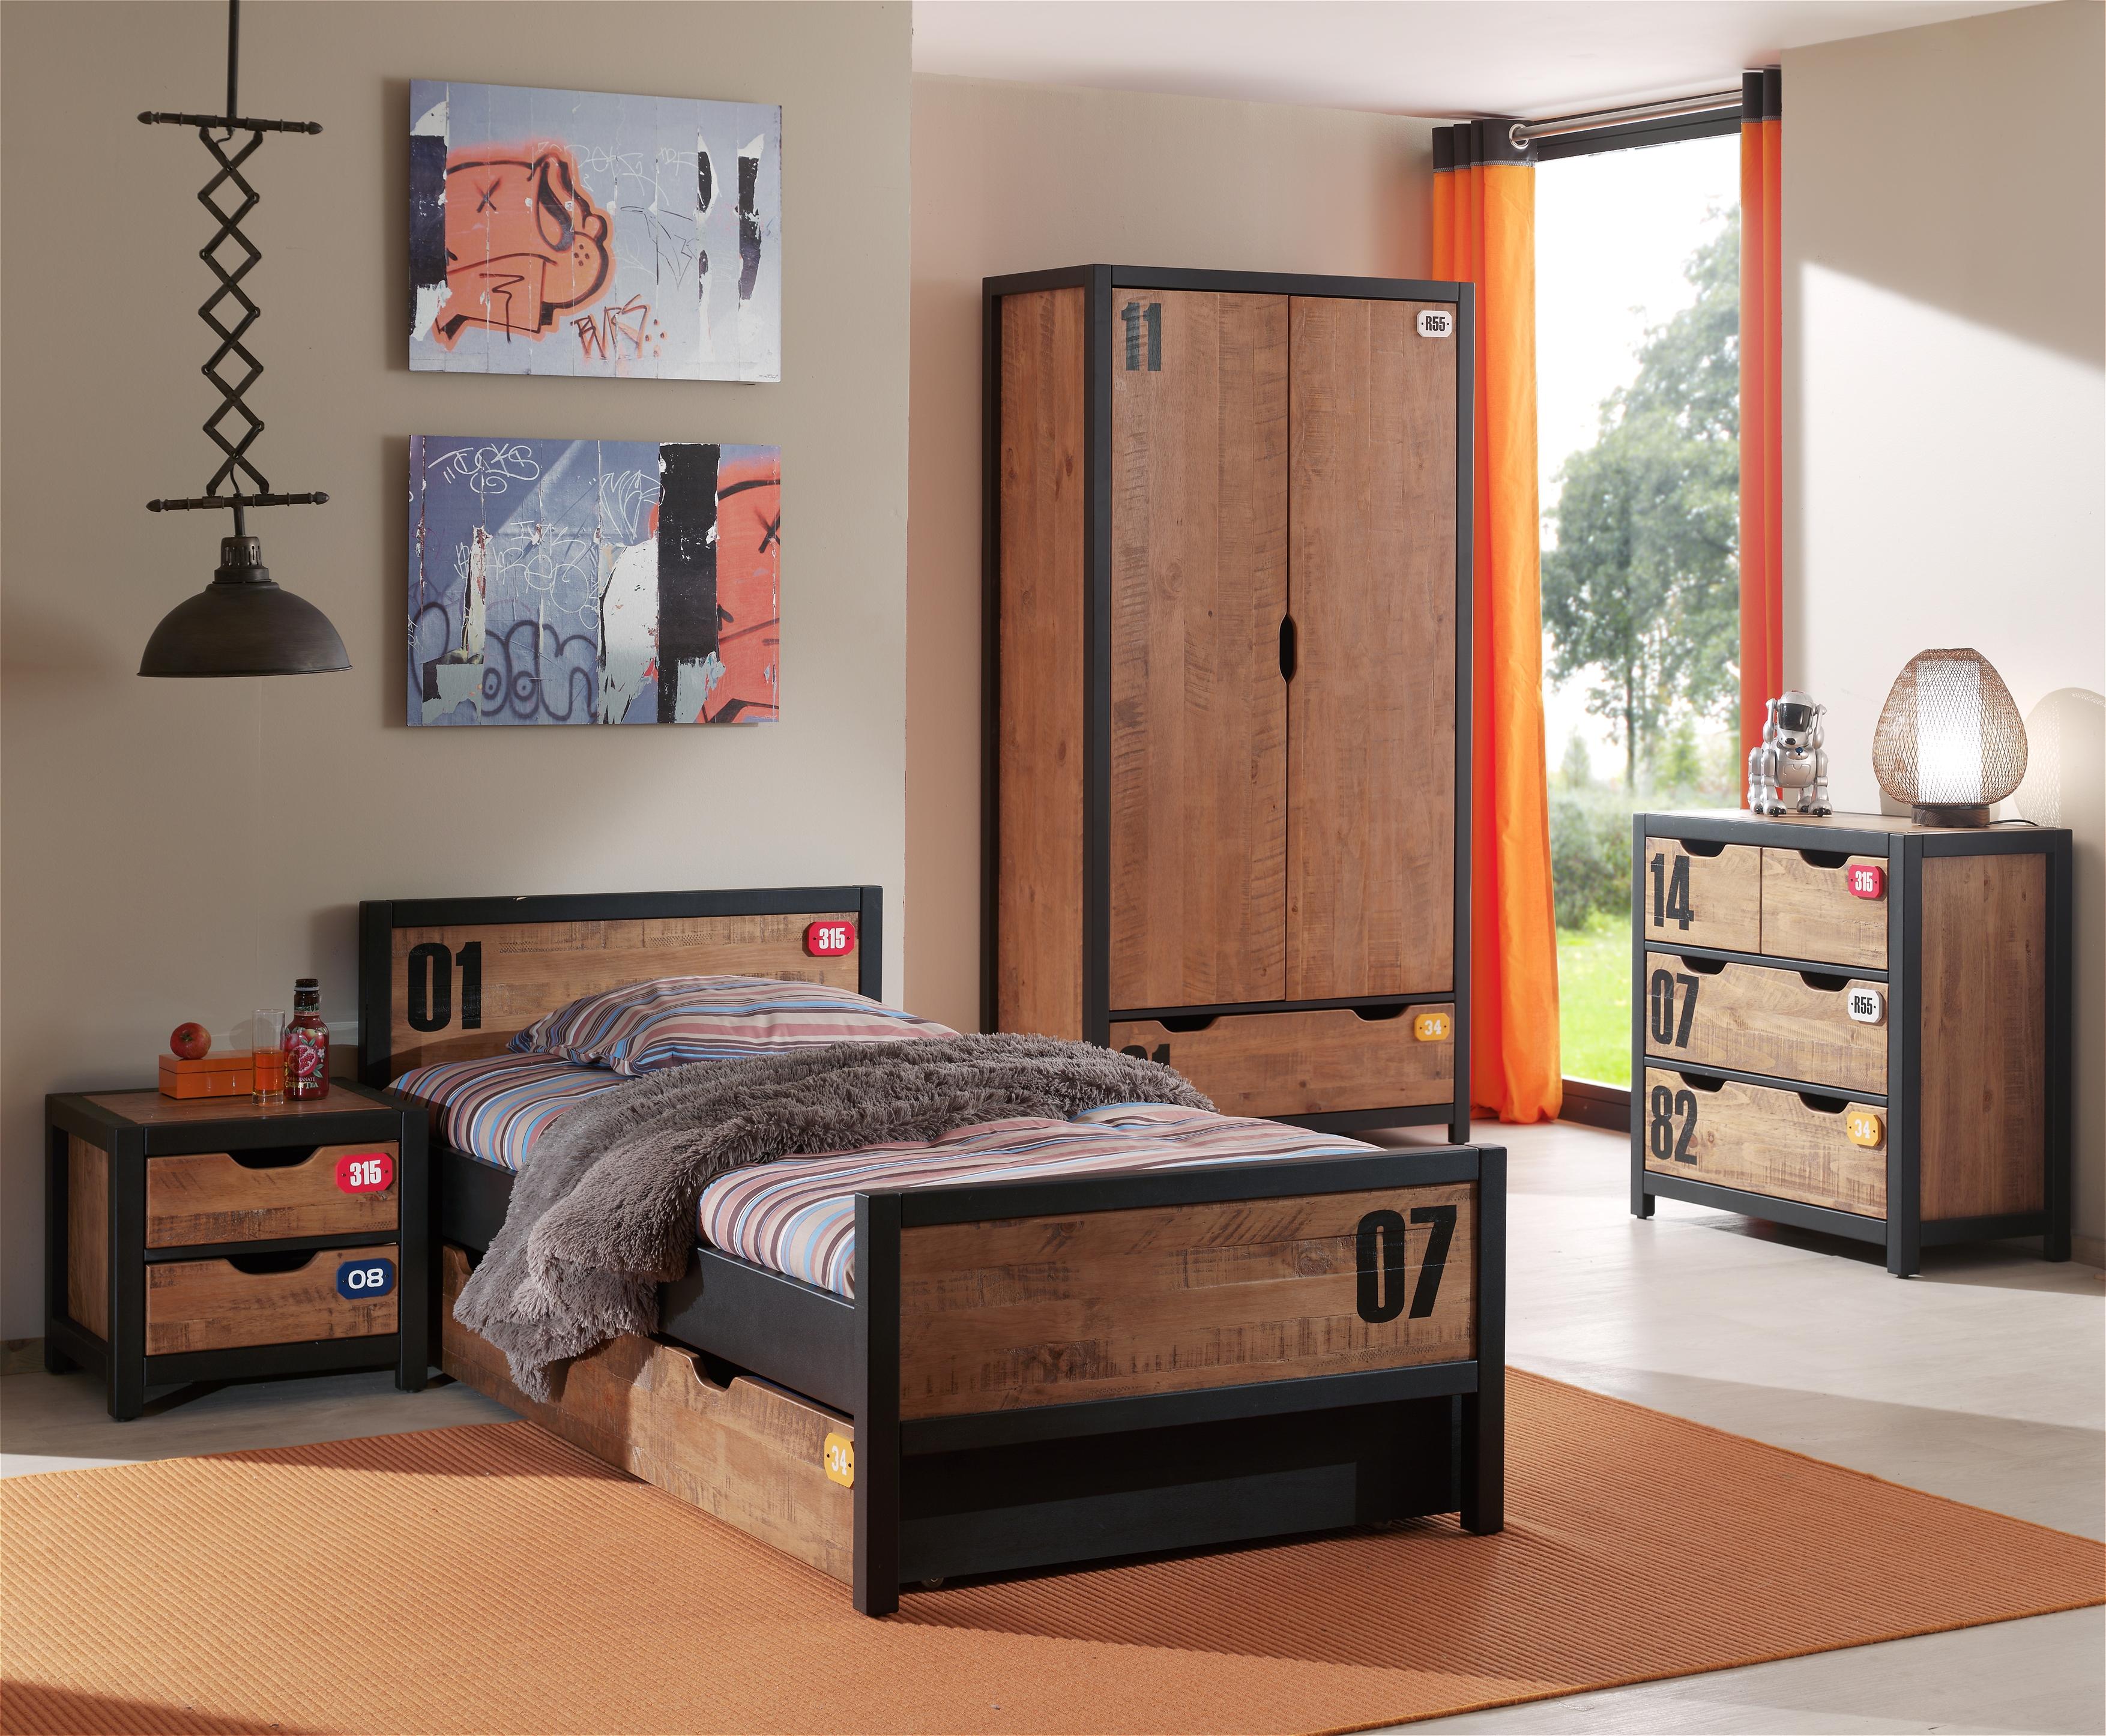 Jugendzimmer-Set Alex 5-teilig in Kiefer aus Massivholz